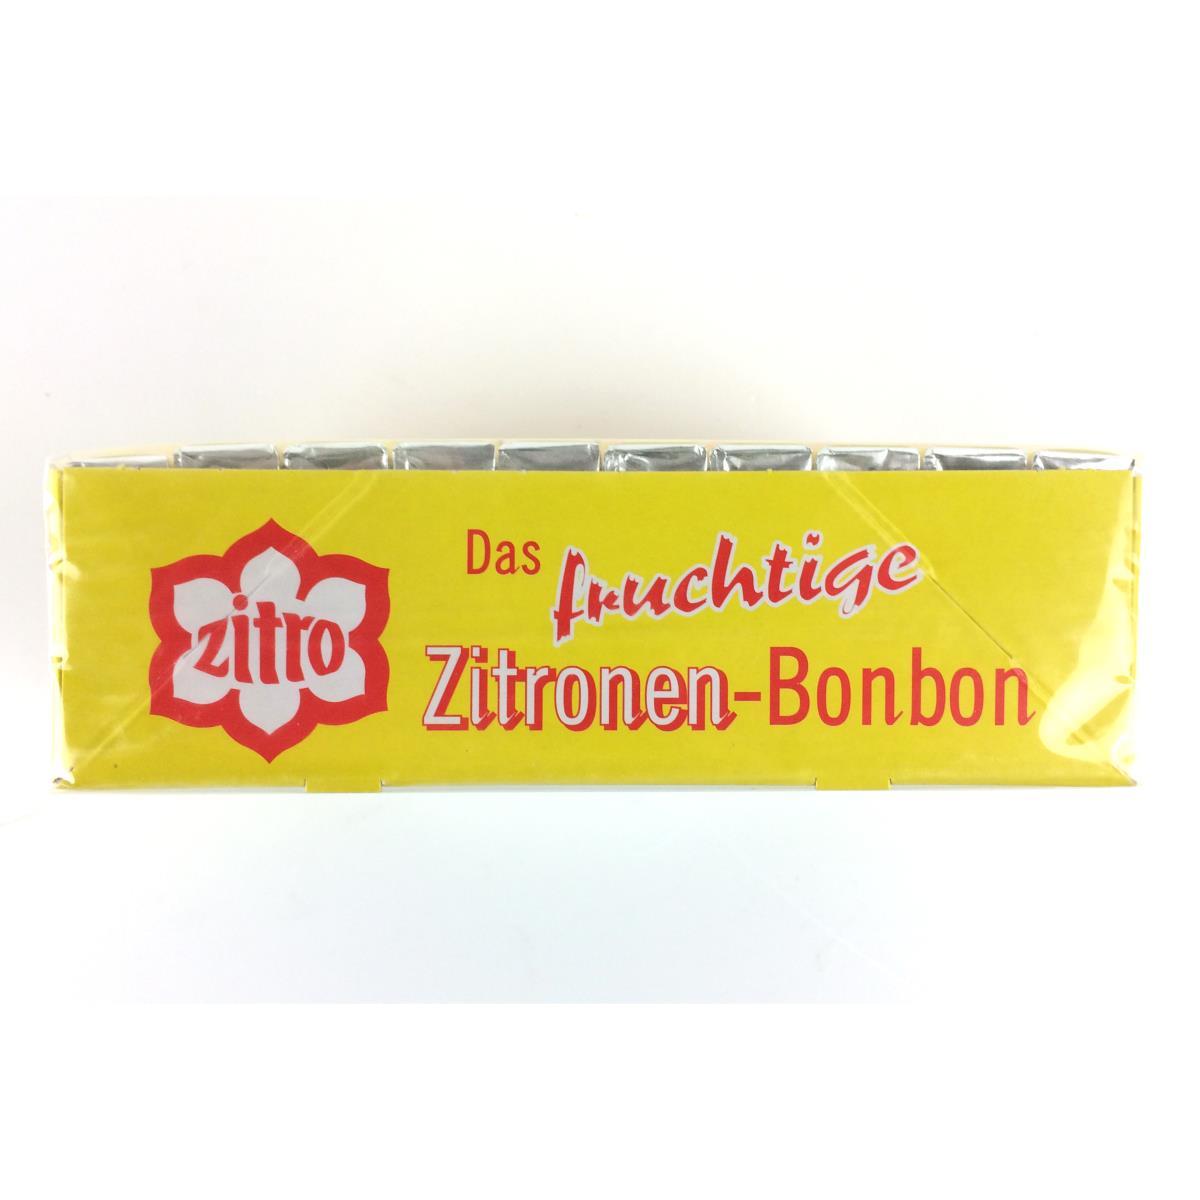 Zitro Zitronen Bonbon, fruchtige  Zitronenbonbons, Zitrone, 100 er,Pfeffi plus e.K.,4016600001862, 4016600001862